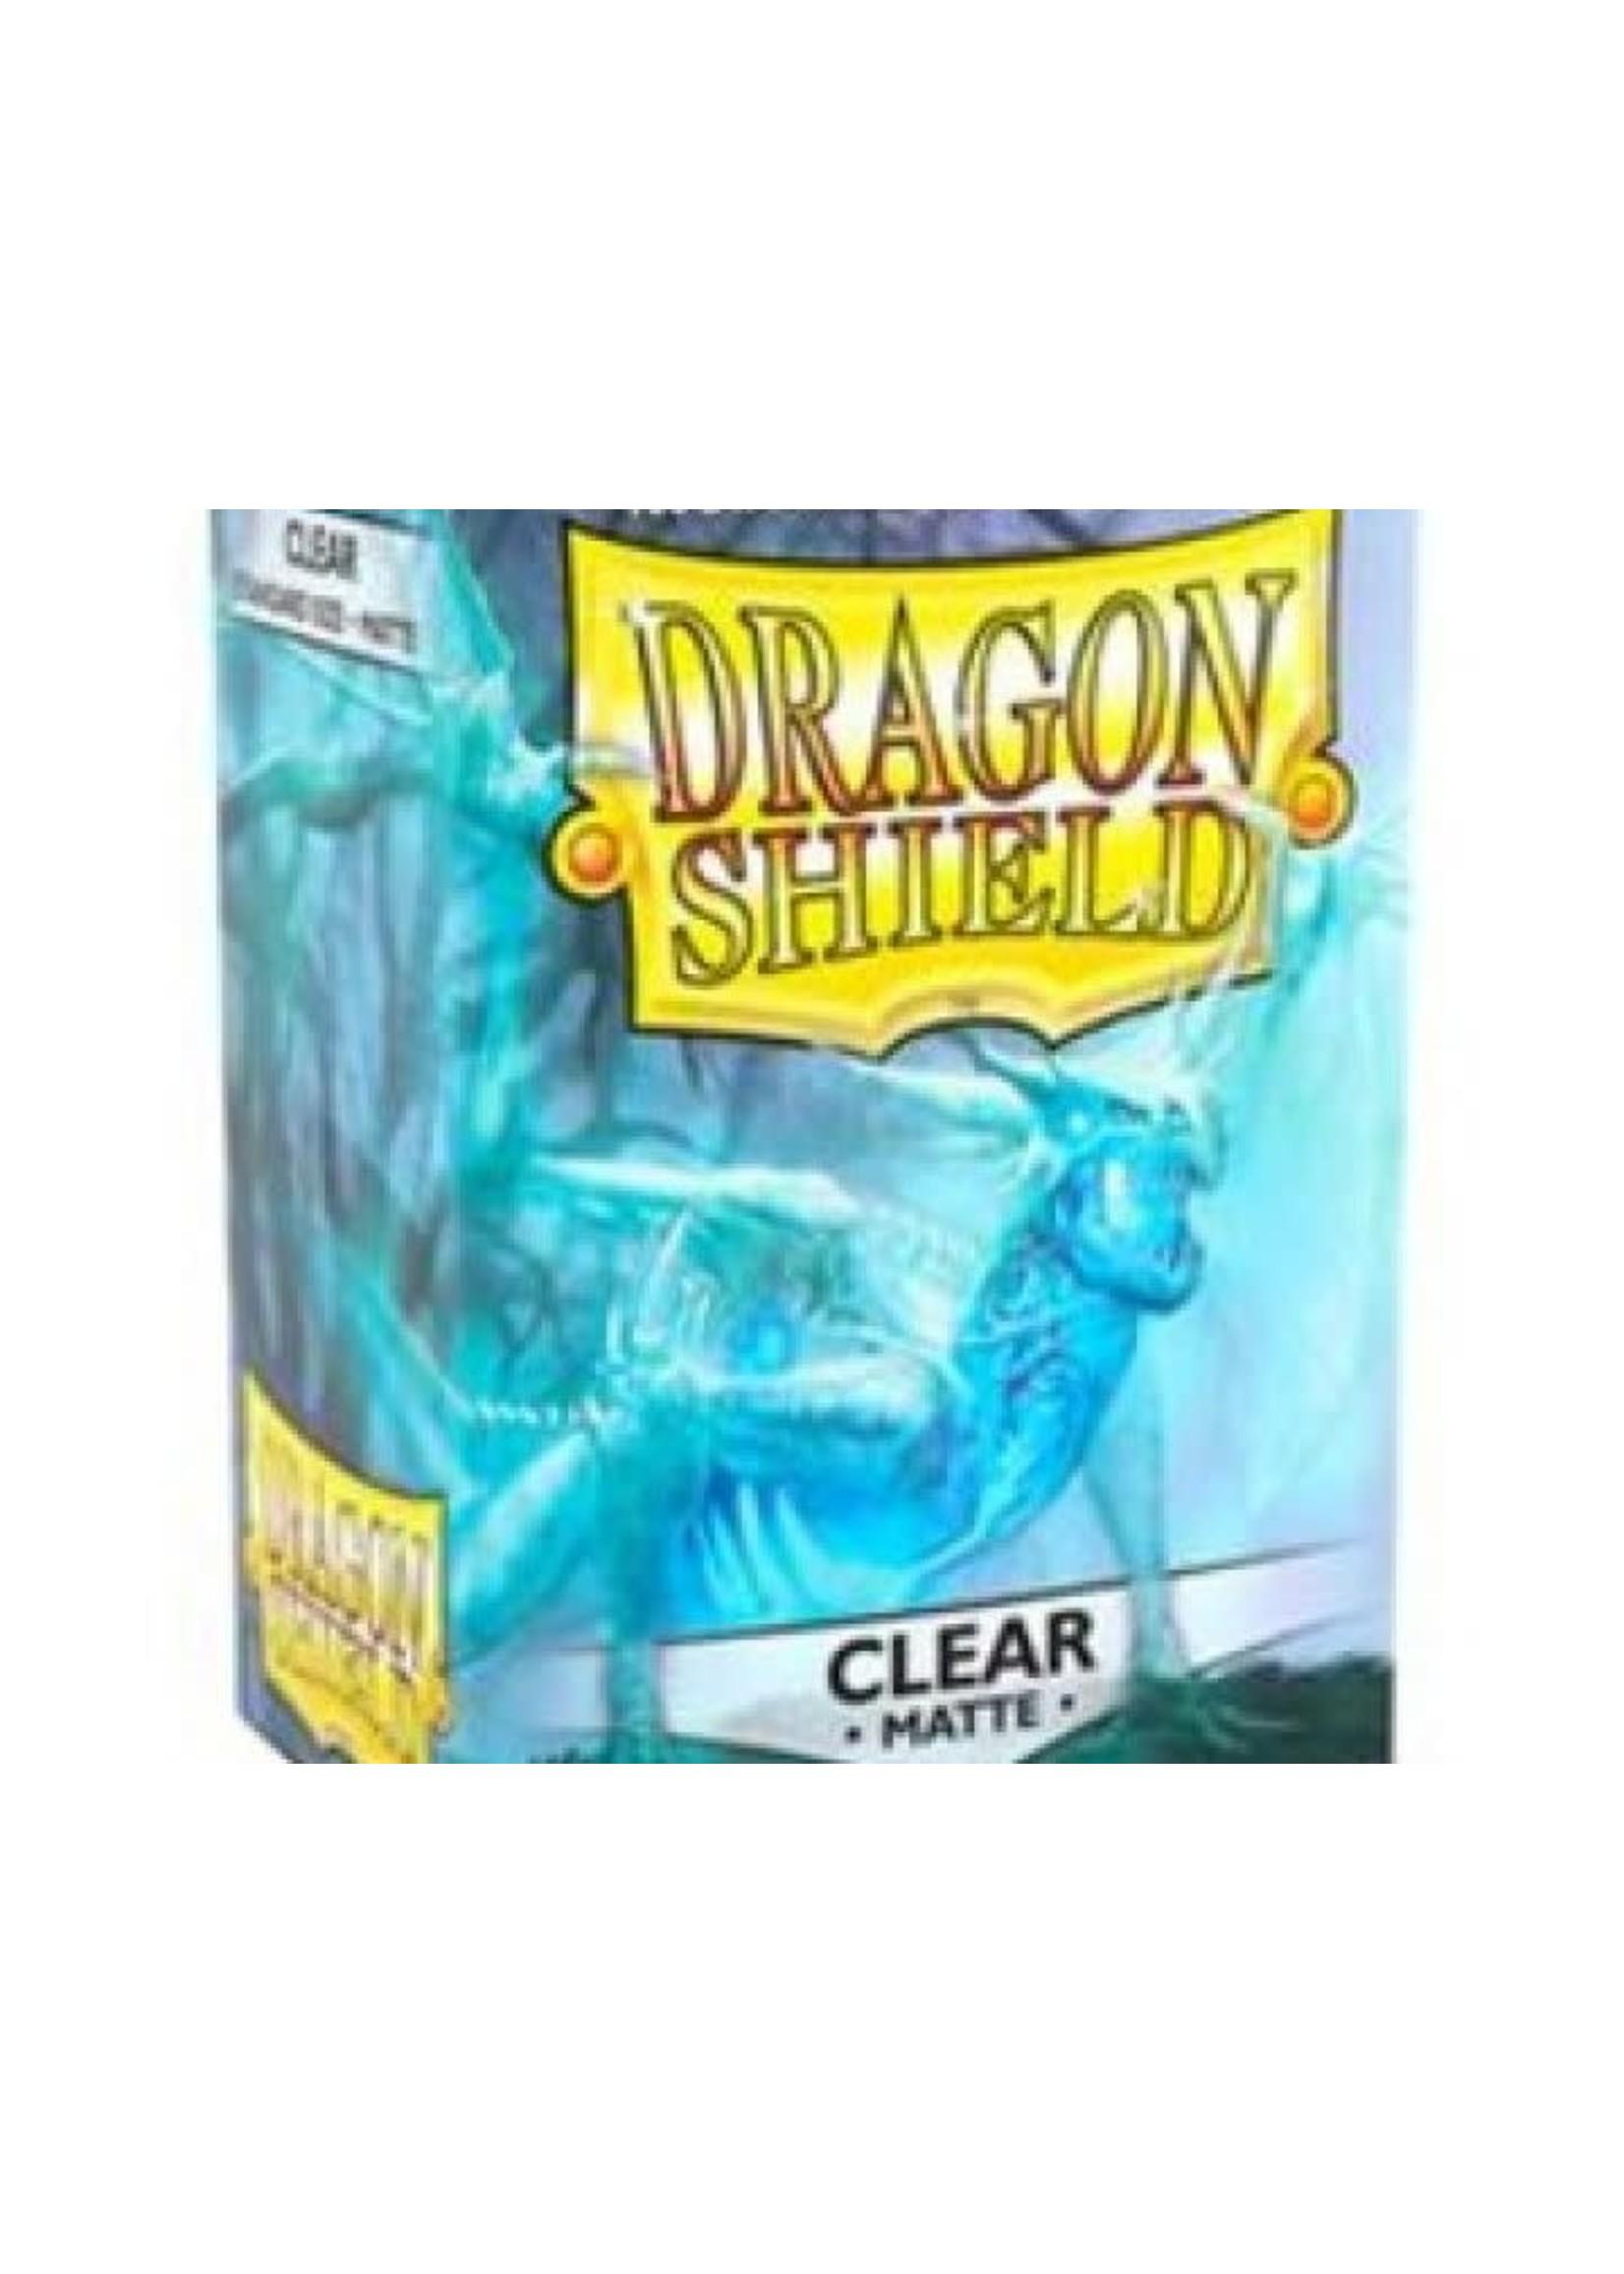 Dragonshield Matte Clear (100Pcs)